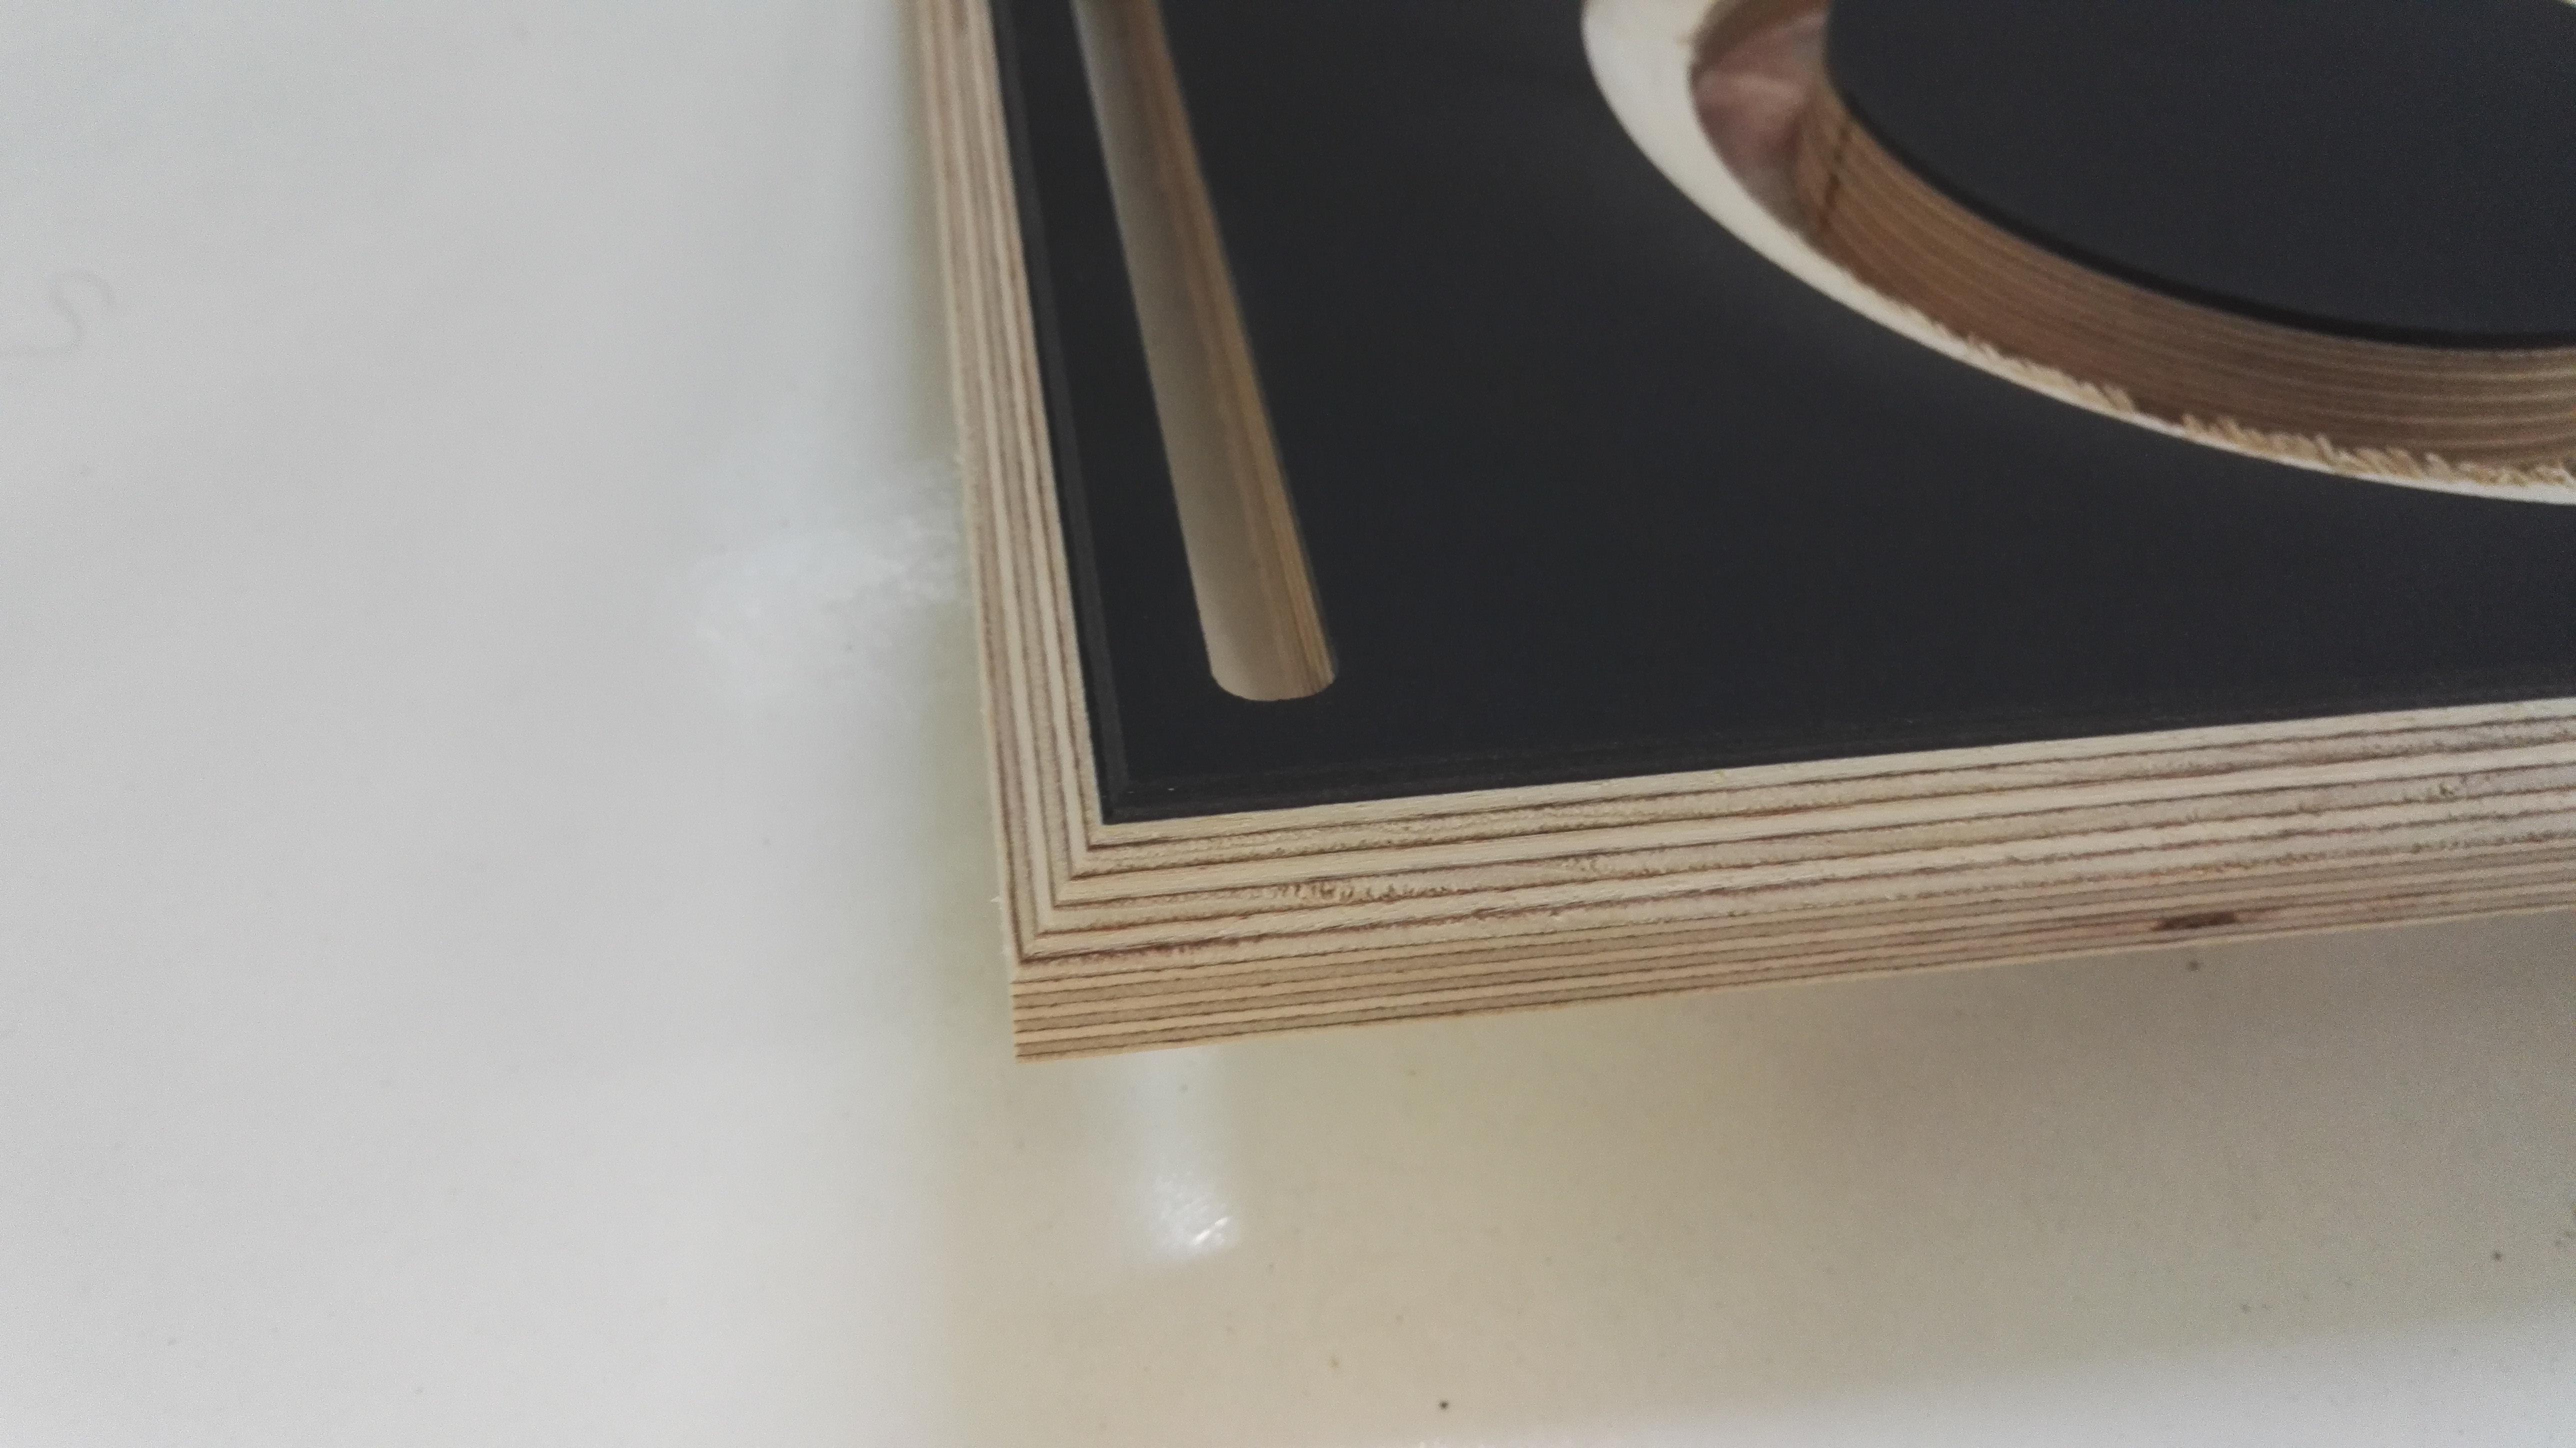 lautsprecherbau thomaier schallwand zuschnitt birke multiplex 18mm mit linoleum schwarz belegt. Black Bedroom Furniture Sets. Home Design Ideas